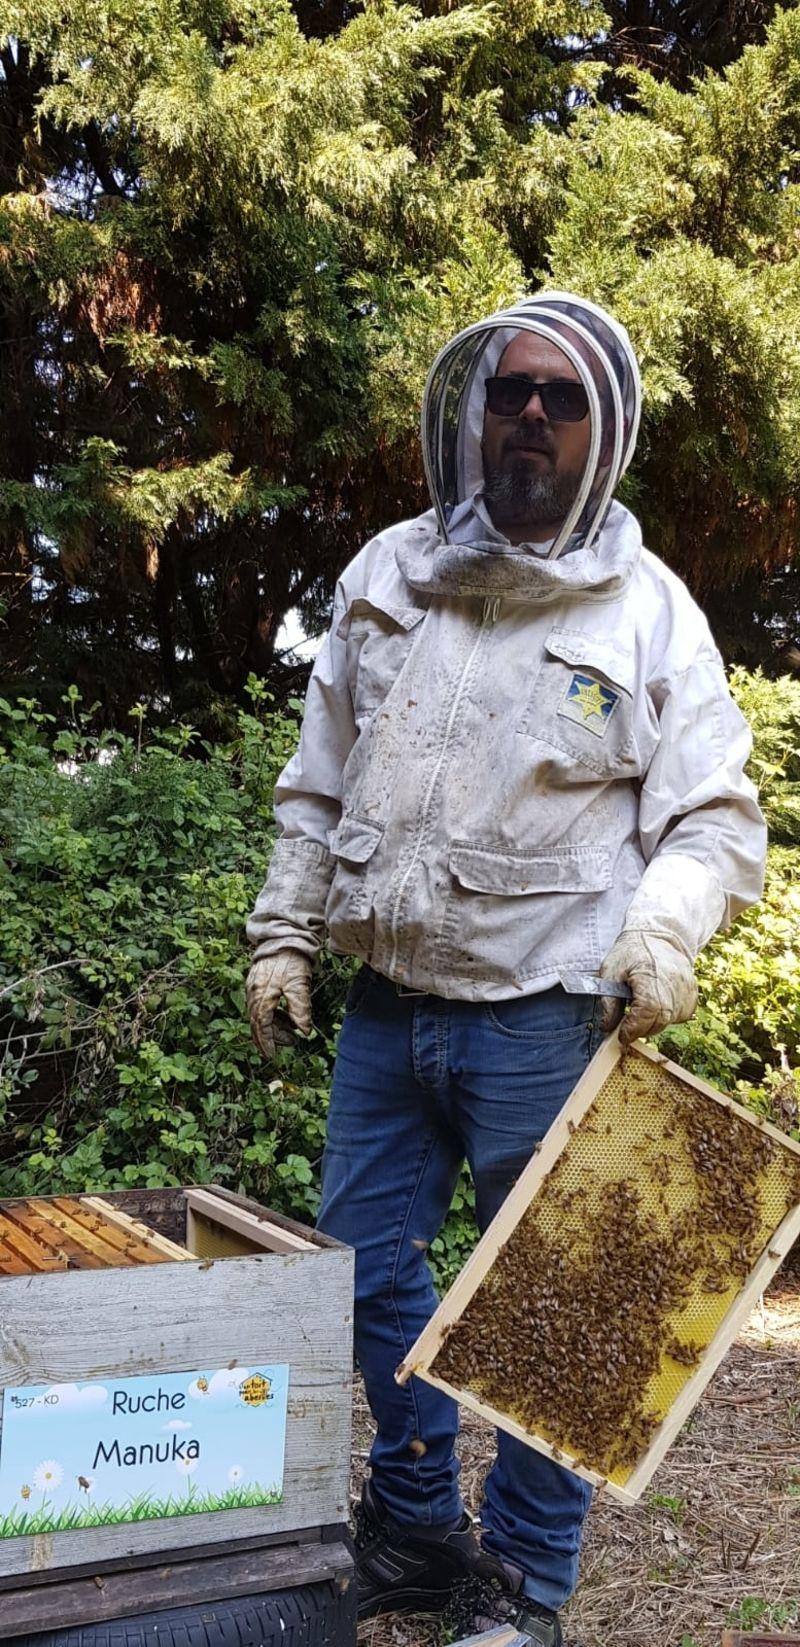 La ruche Manuka